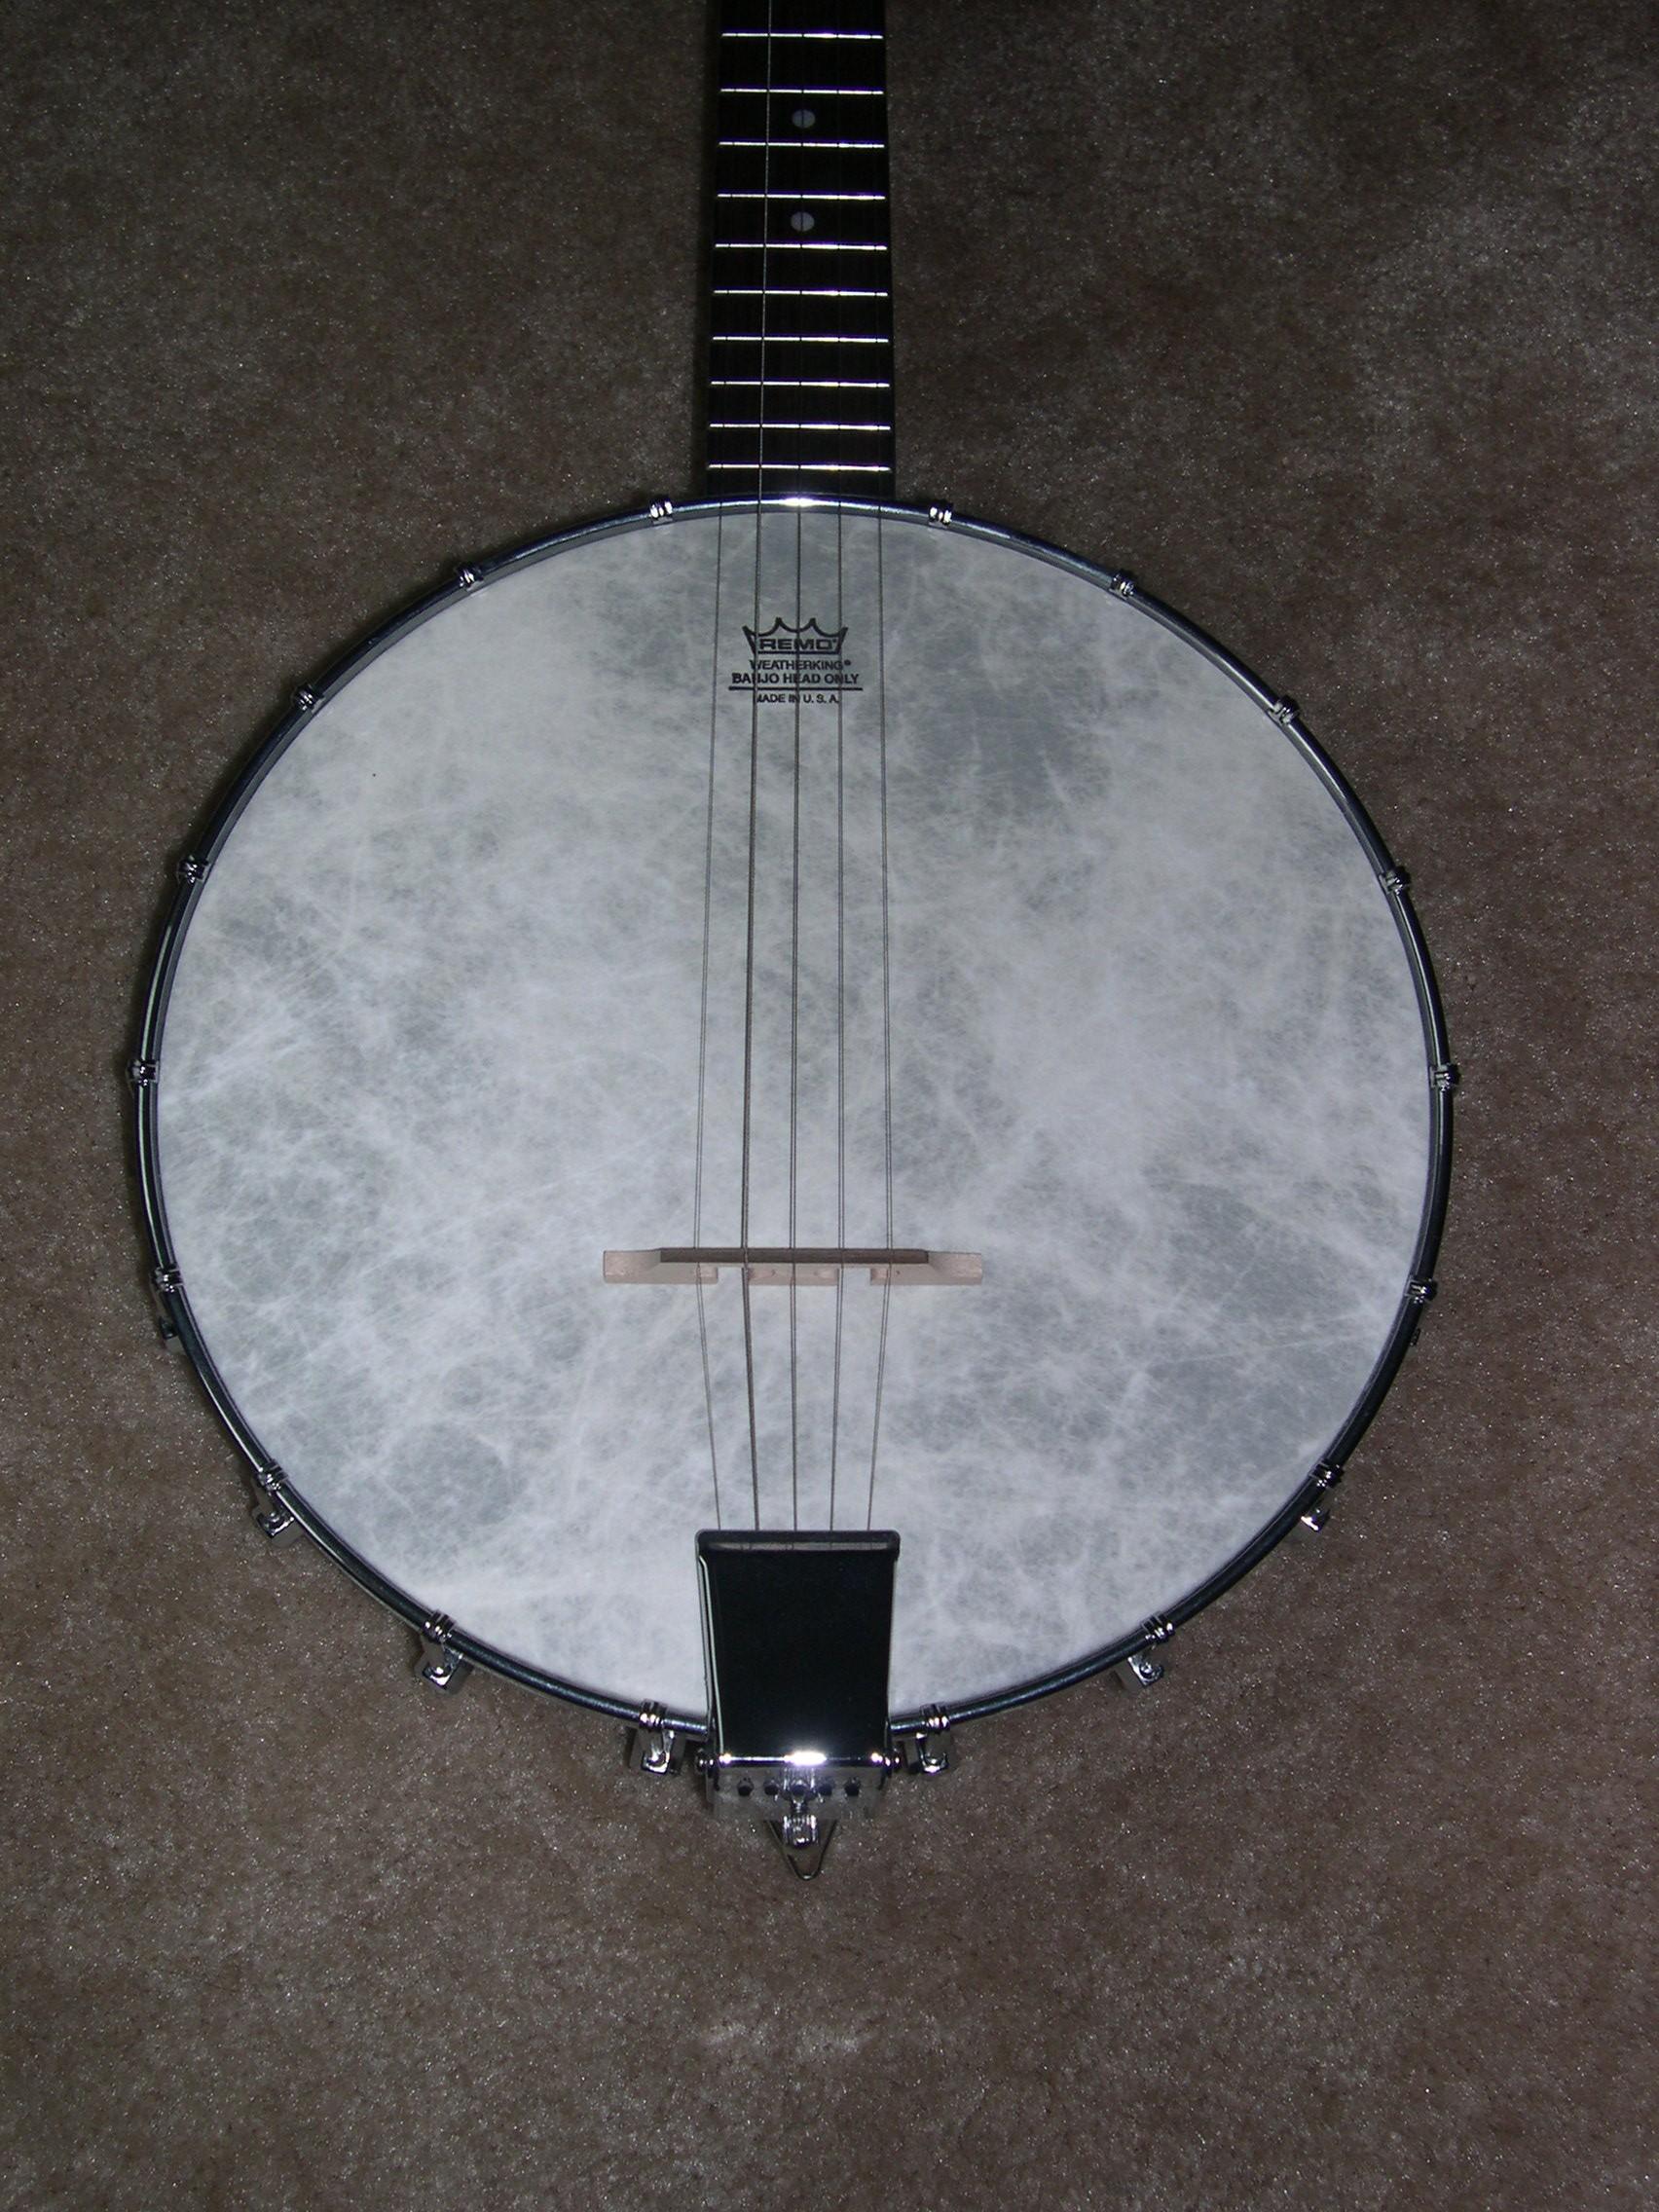 Bozo's Banjo Pages - 2006 Rogue 5-String Banjo